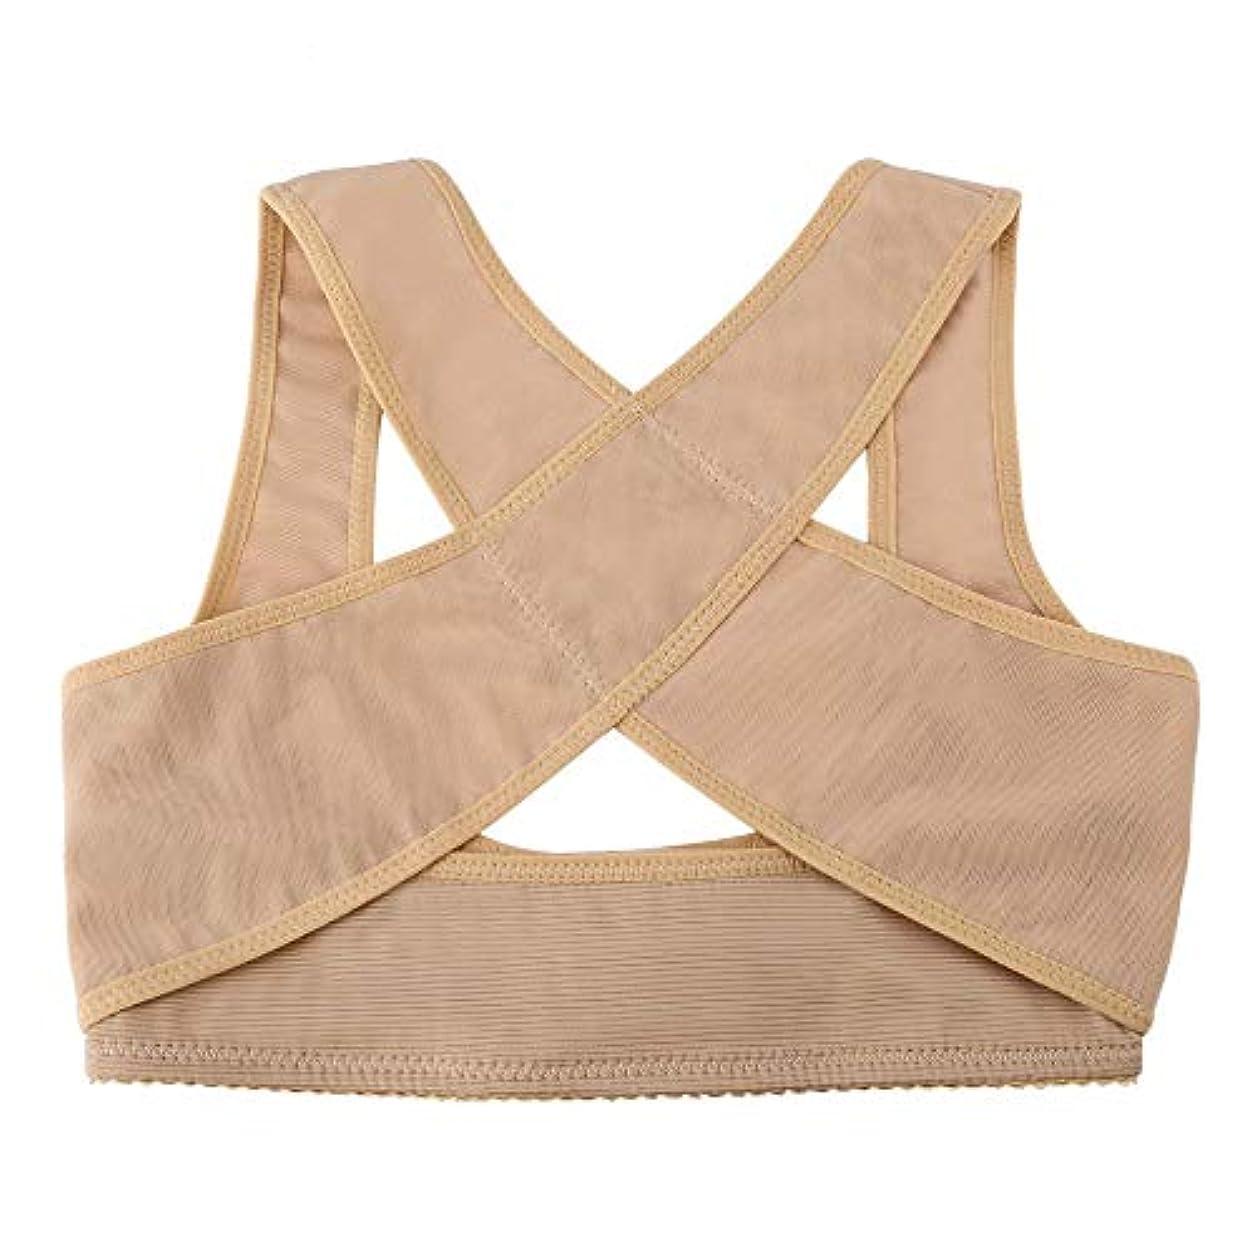 沈黙削除する忘れる調節可能な伸縮性がある背部女性ベルトサポート姿勢補正装置支柱サポート姿勢肩補正装置ヘルスケア